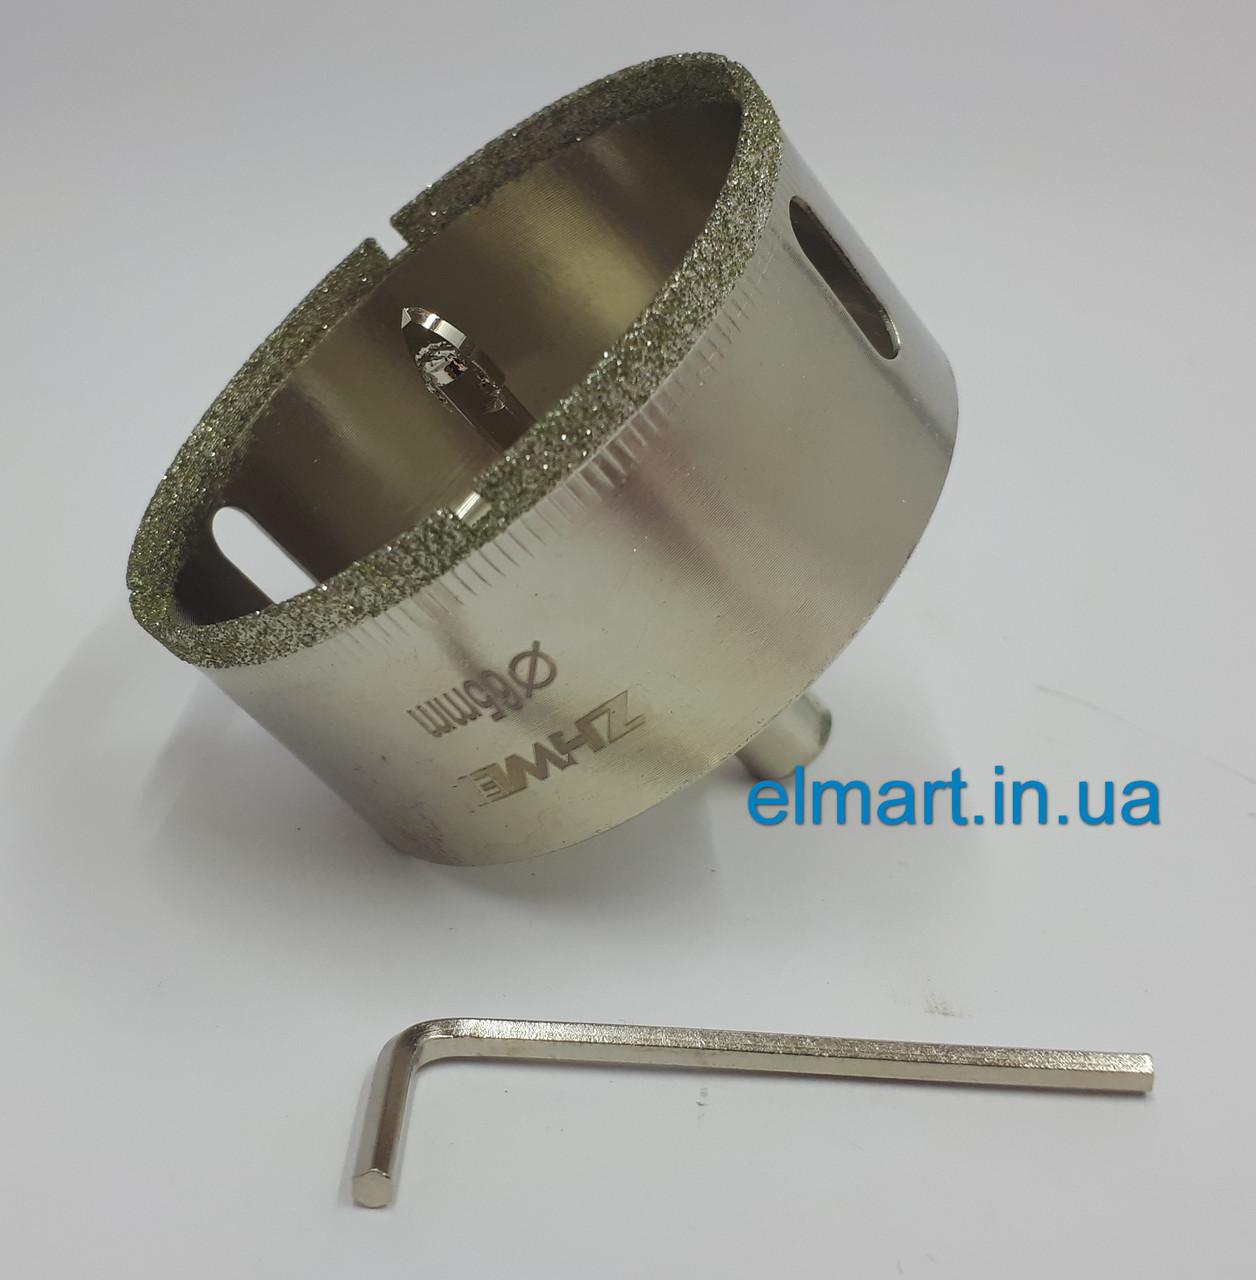 Коронка діамантова 22 mm з напрямних свердлом c пером по плитці і склу (zhiwei)